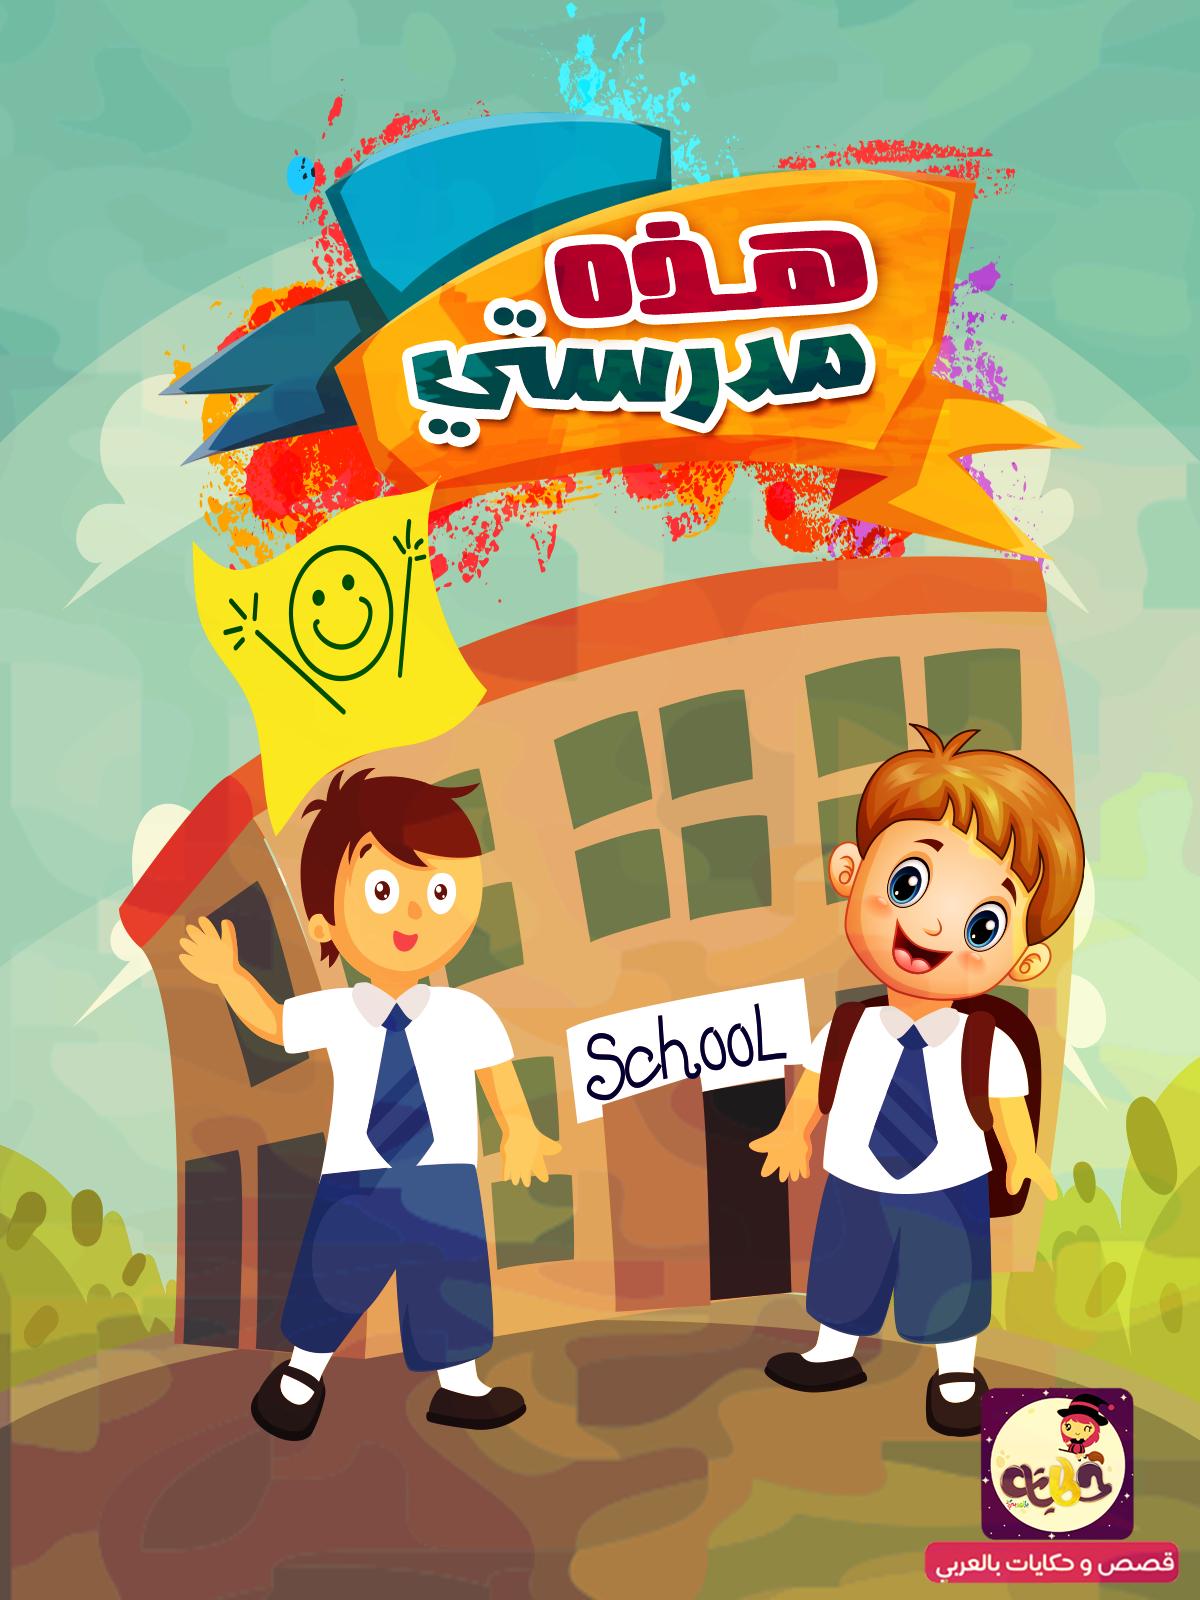 قصة عن العام الدراسي الجديد للاطفال قصة هذه مدرستي تطبيق حكايات بالعربي Arabic Kids Stories For Kids Kids